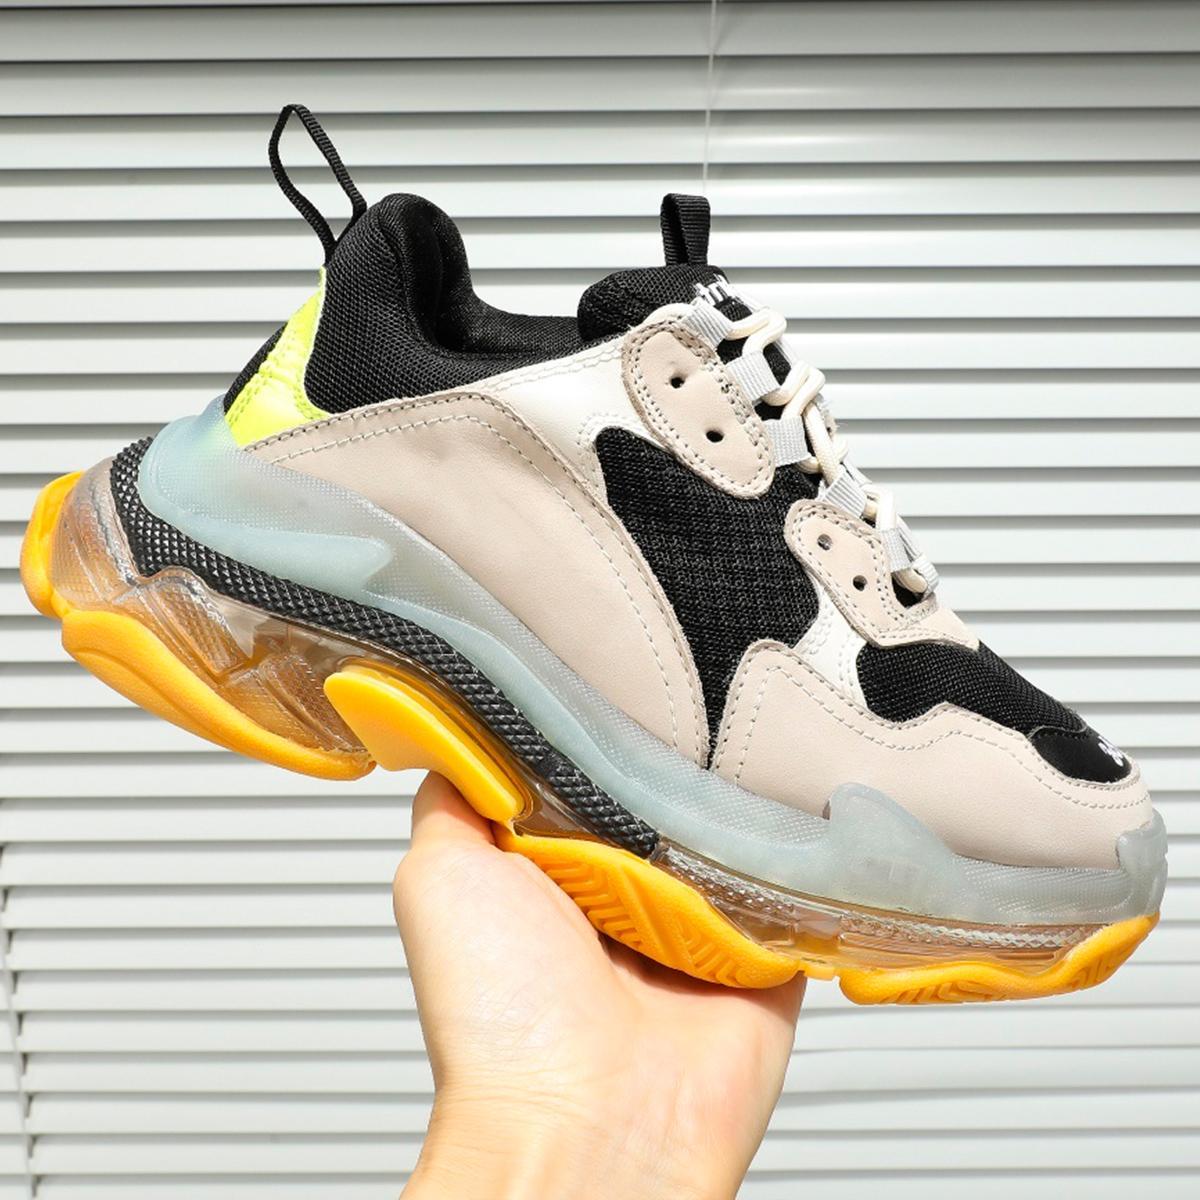 Sapatos Mulheres Sports respirável Runnin sapatos masculinos Almofada sapatos casuais sapatos masculinos mulheres Esportes instrutor Unisex Shoe Casual aptidão